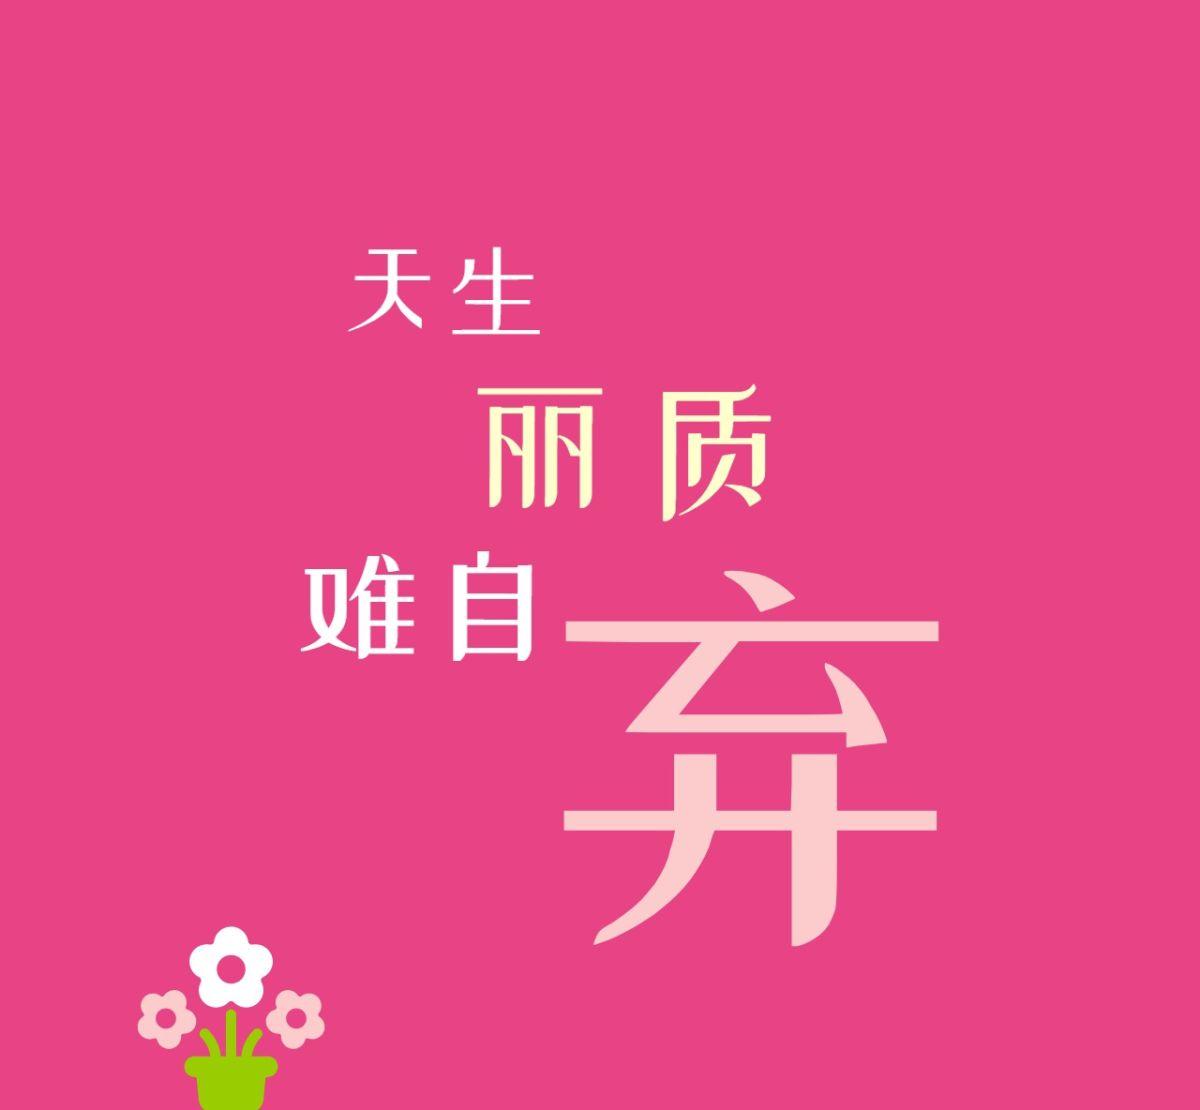 诗词语录女生简约文艺自恋微信朋友圈封面